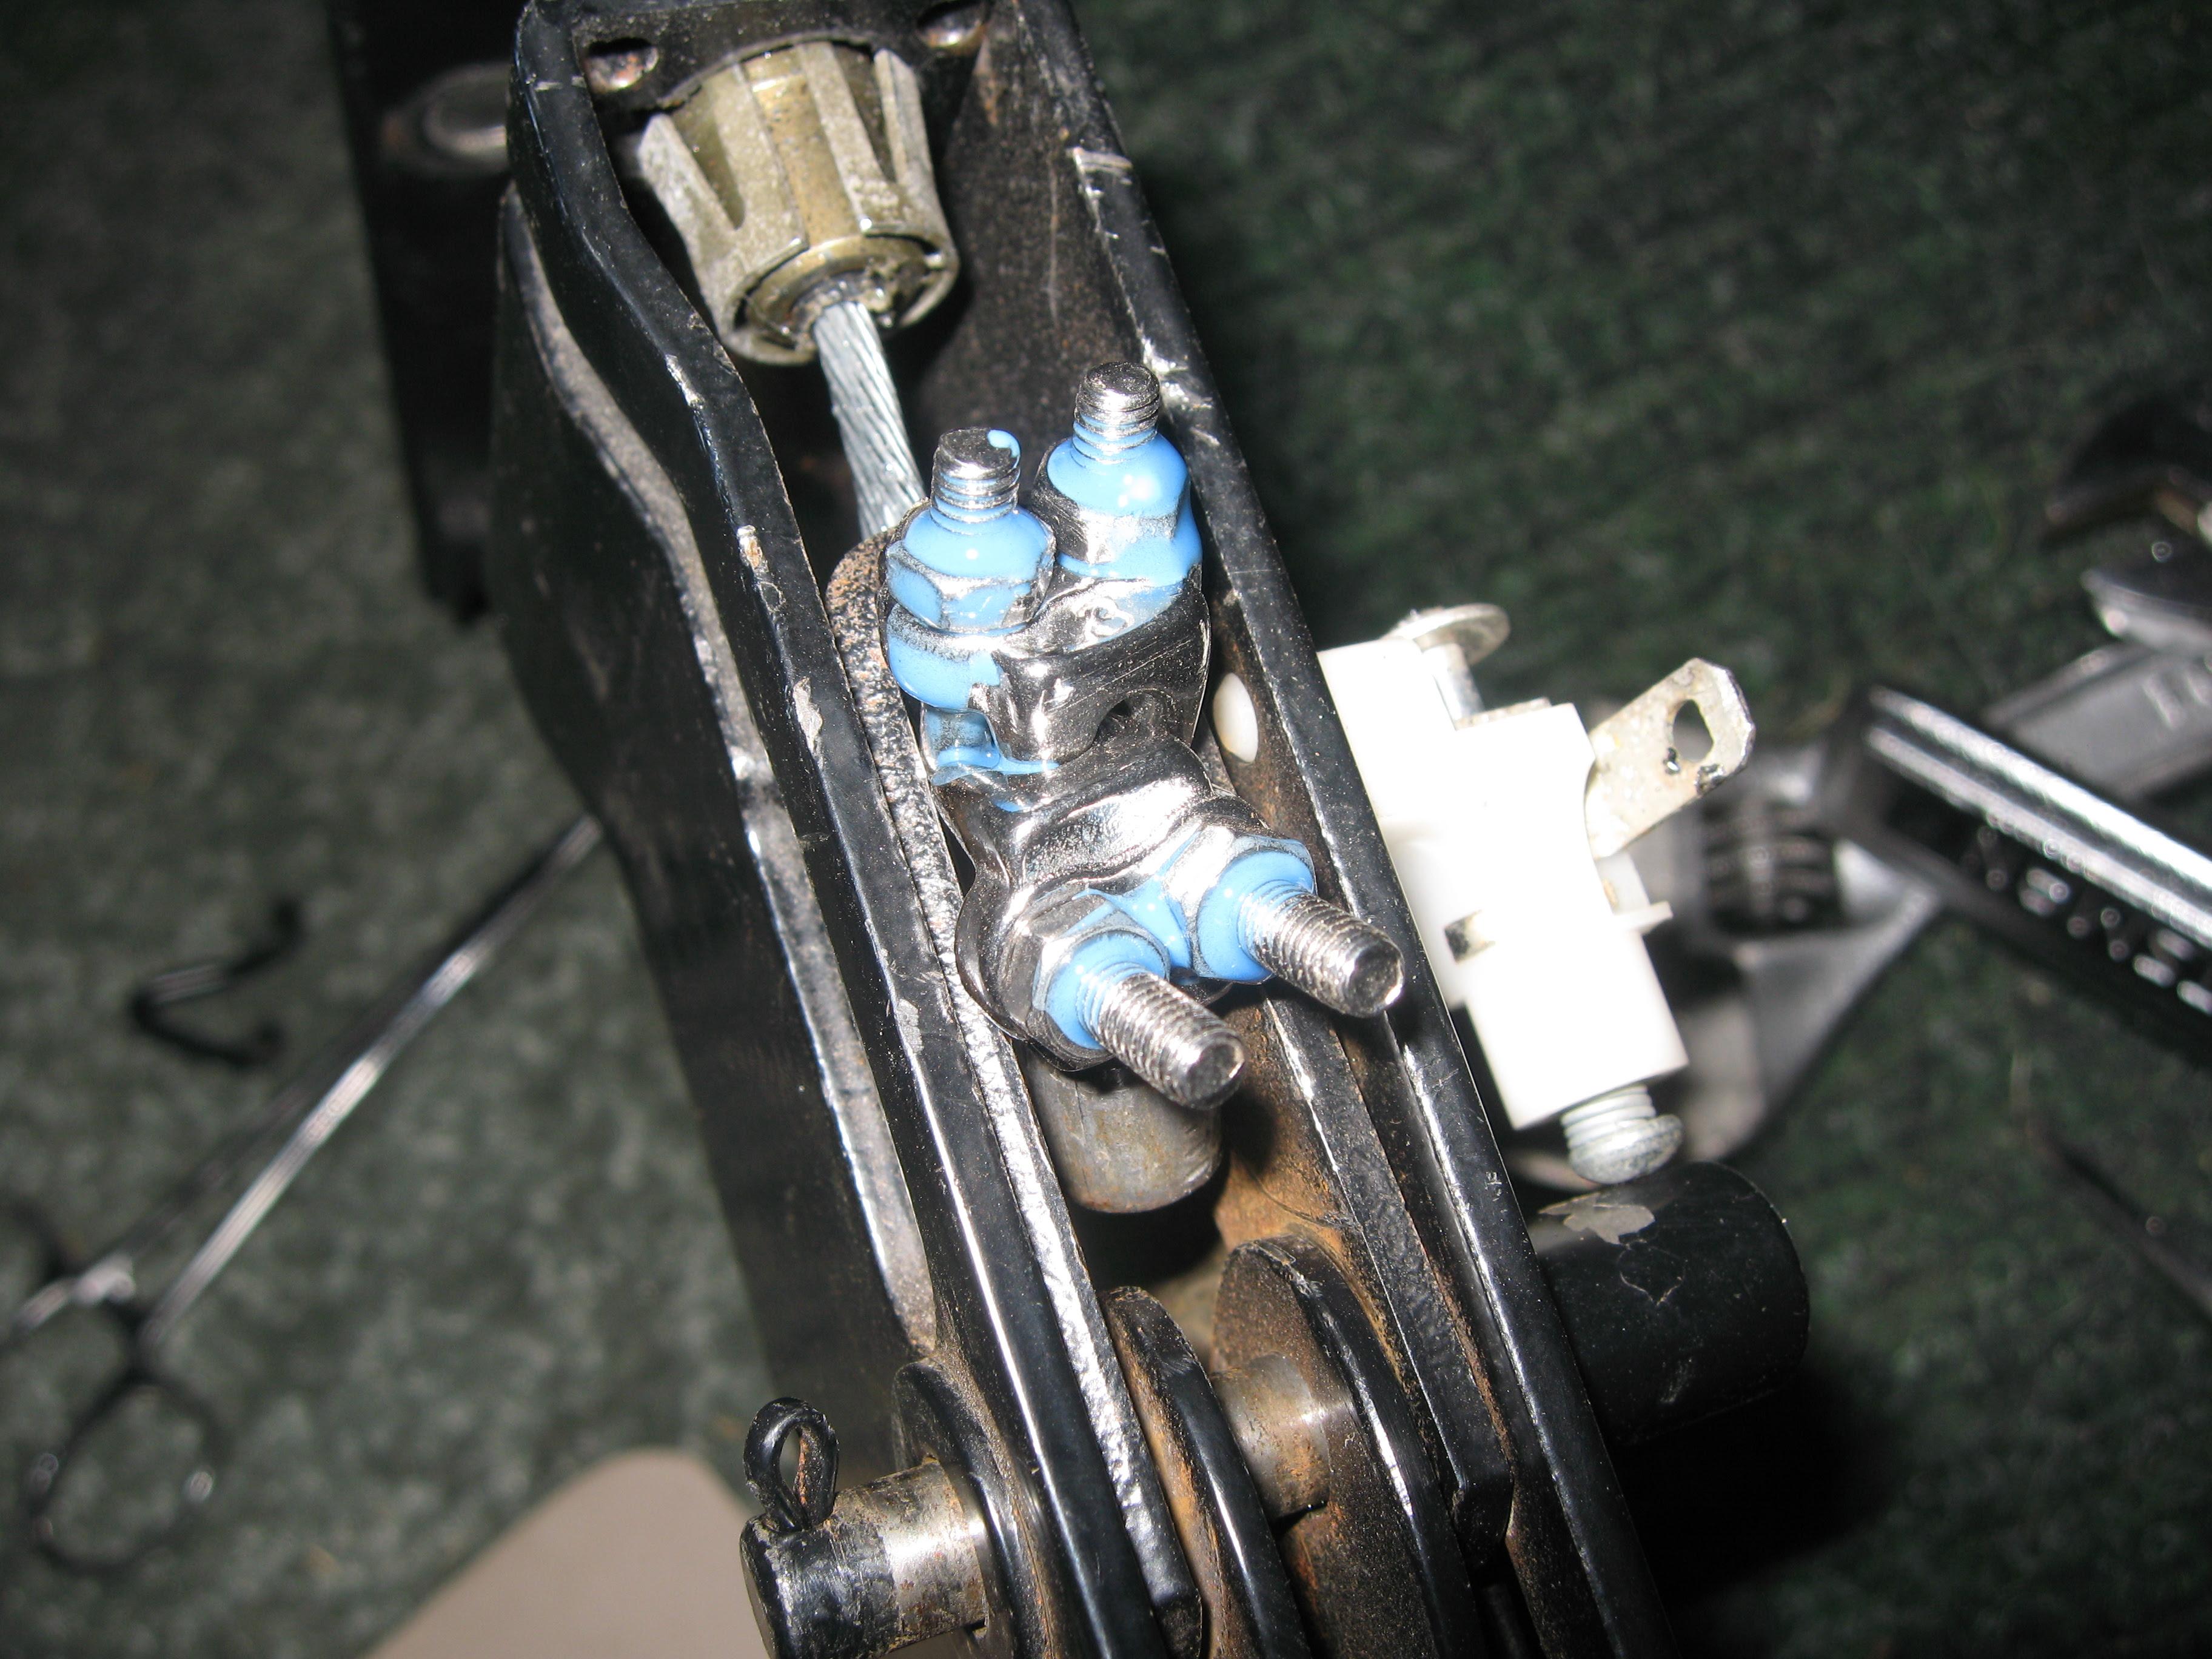 Wiring Diagram  9 2000 Chevy Silverado Emergency Brake Cable Diagram